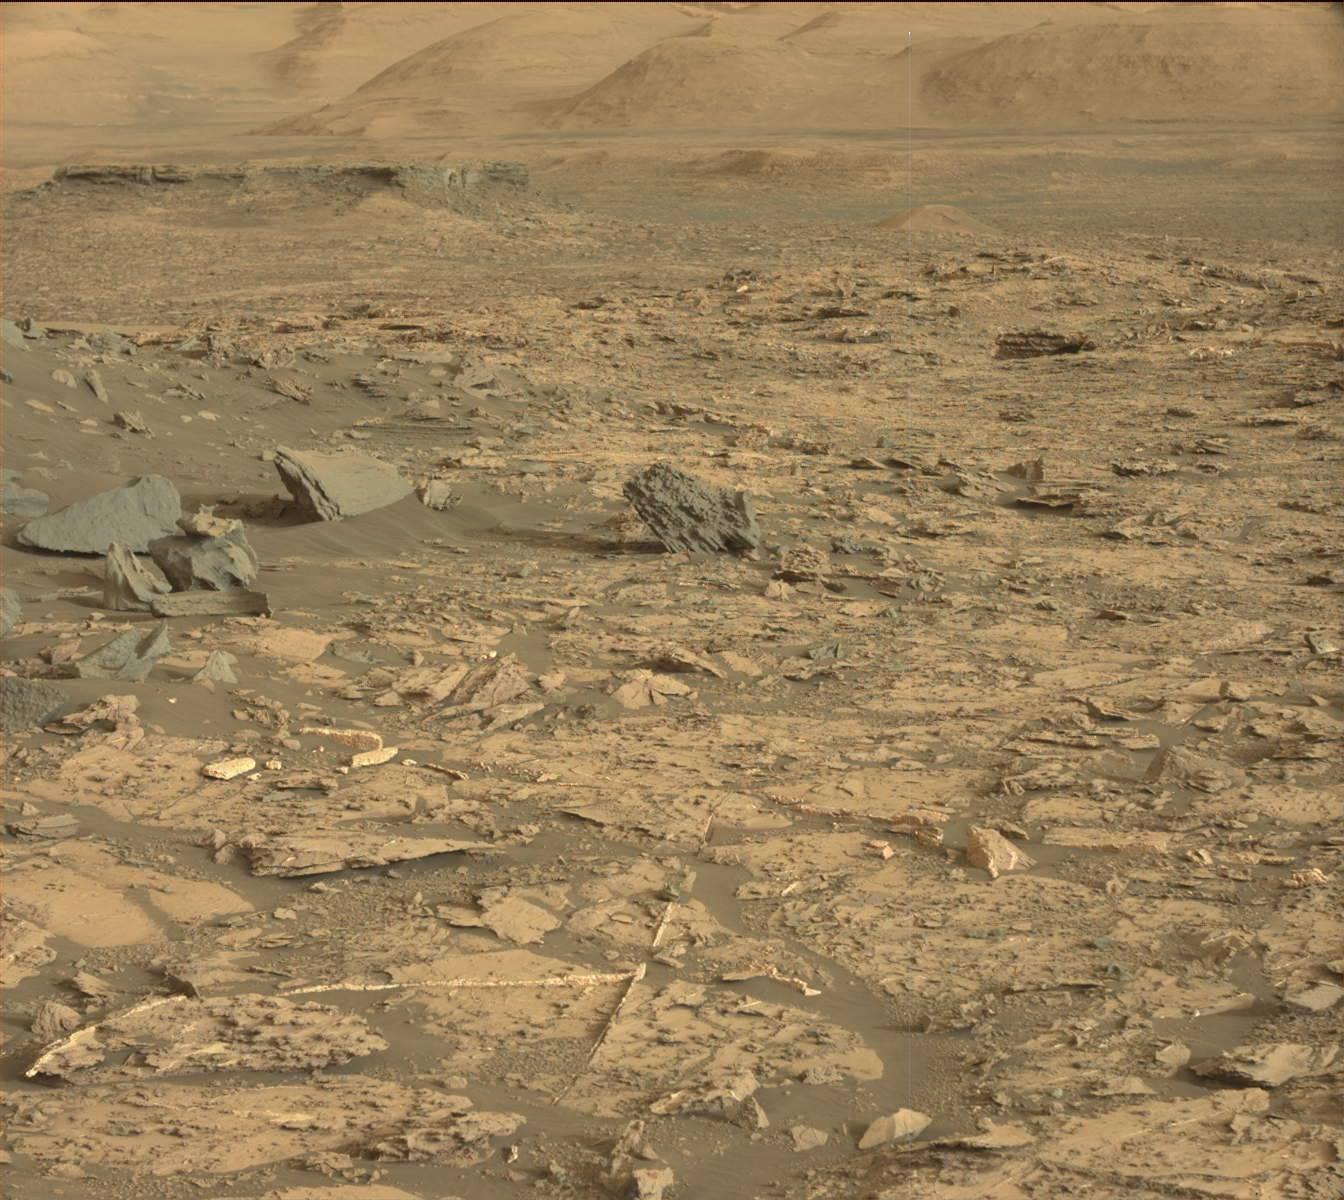 jpl mars rover curiosity - photo #12